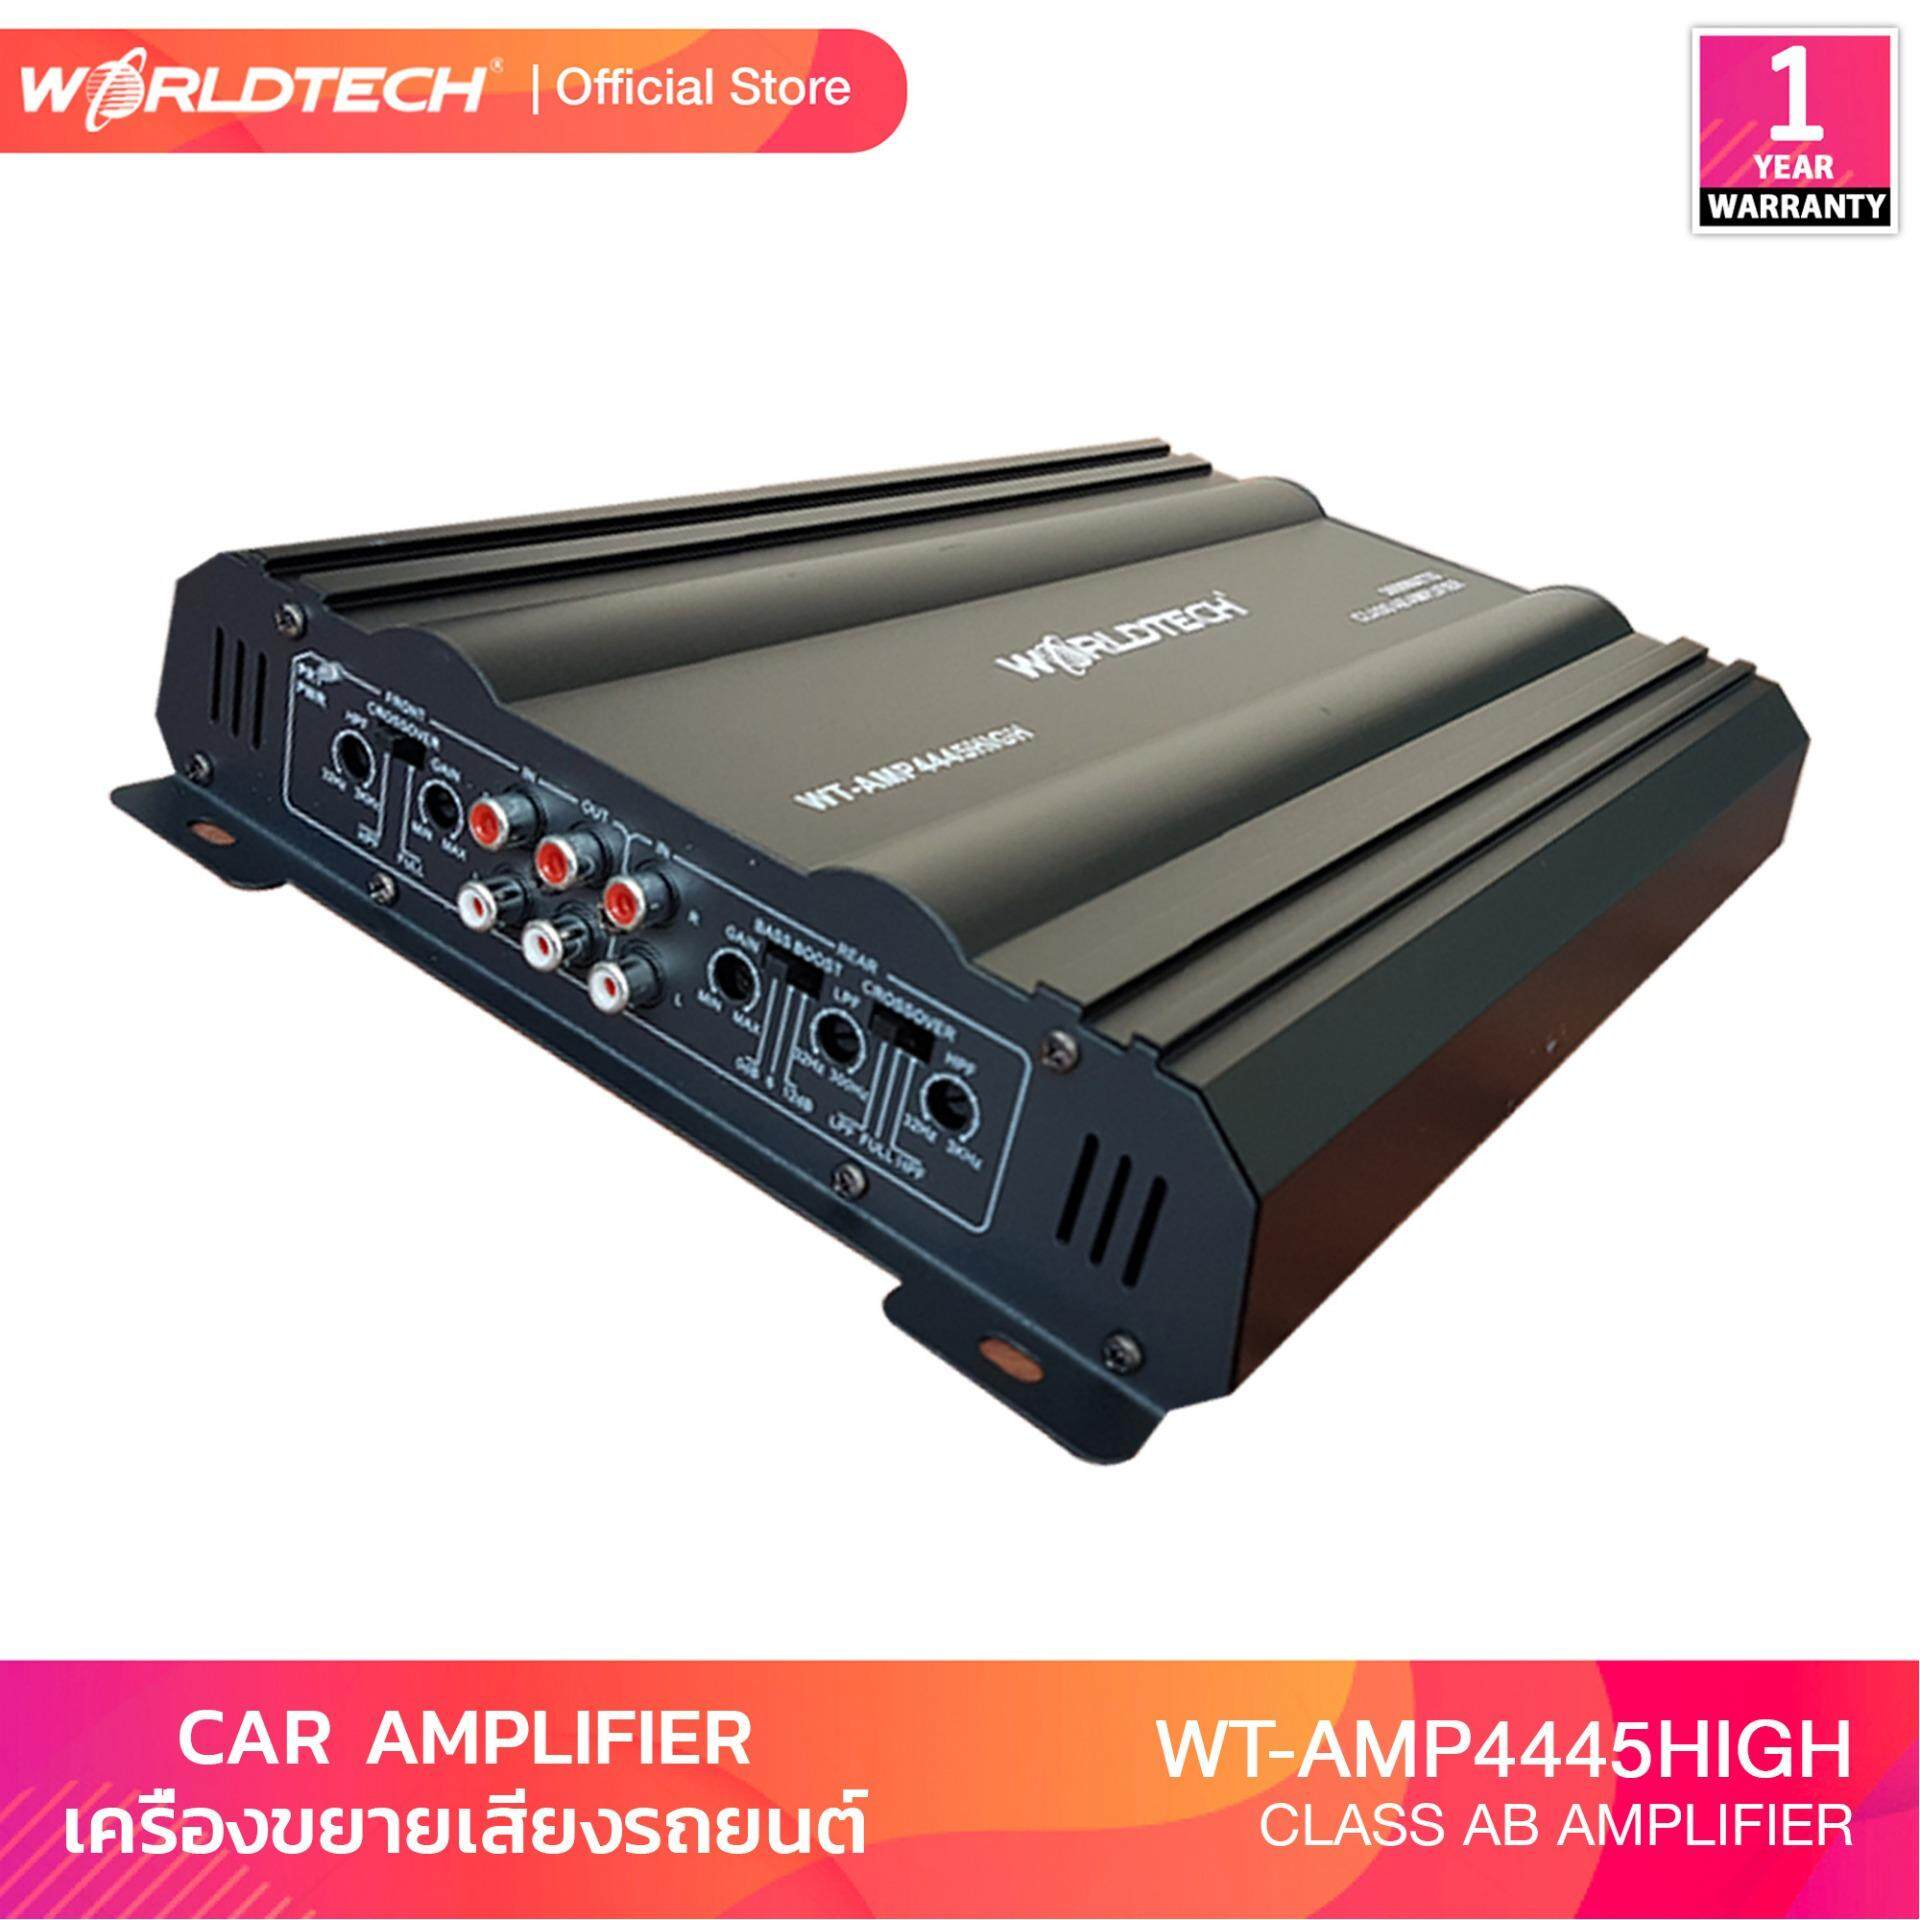 ขายดีมาก! เพาเวอร์แอมป์ แอมป์ขยายเสียง (amplifier car) Worldtech Class AB รุ่น WT-AMP4445HIGH พาวเวอร์แอมป์ คลาส เอบี 4 แชนแนลแบบมอสเฟ็ท